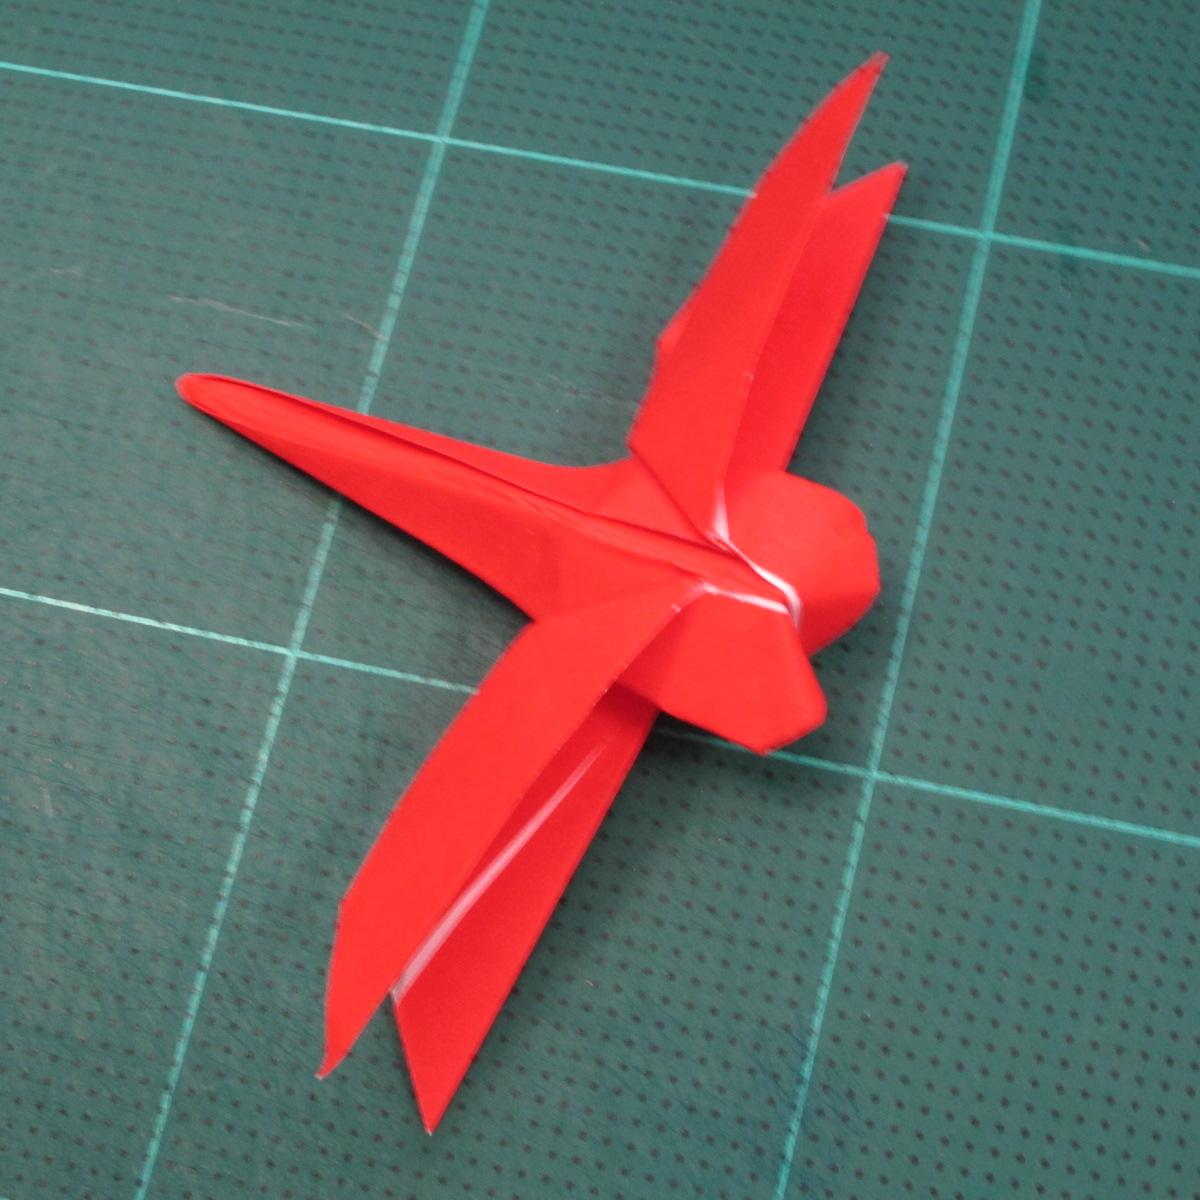 วิธีพับกระดาษเป็นรูปแมลงปอ (Origami Dragonfly) 023